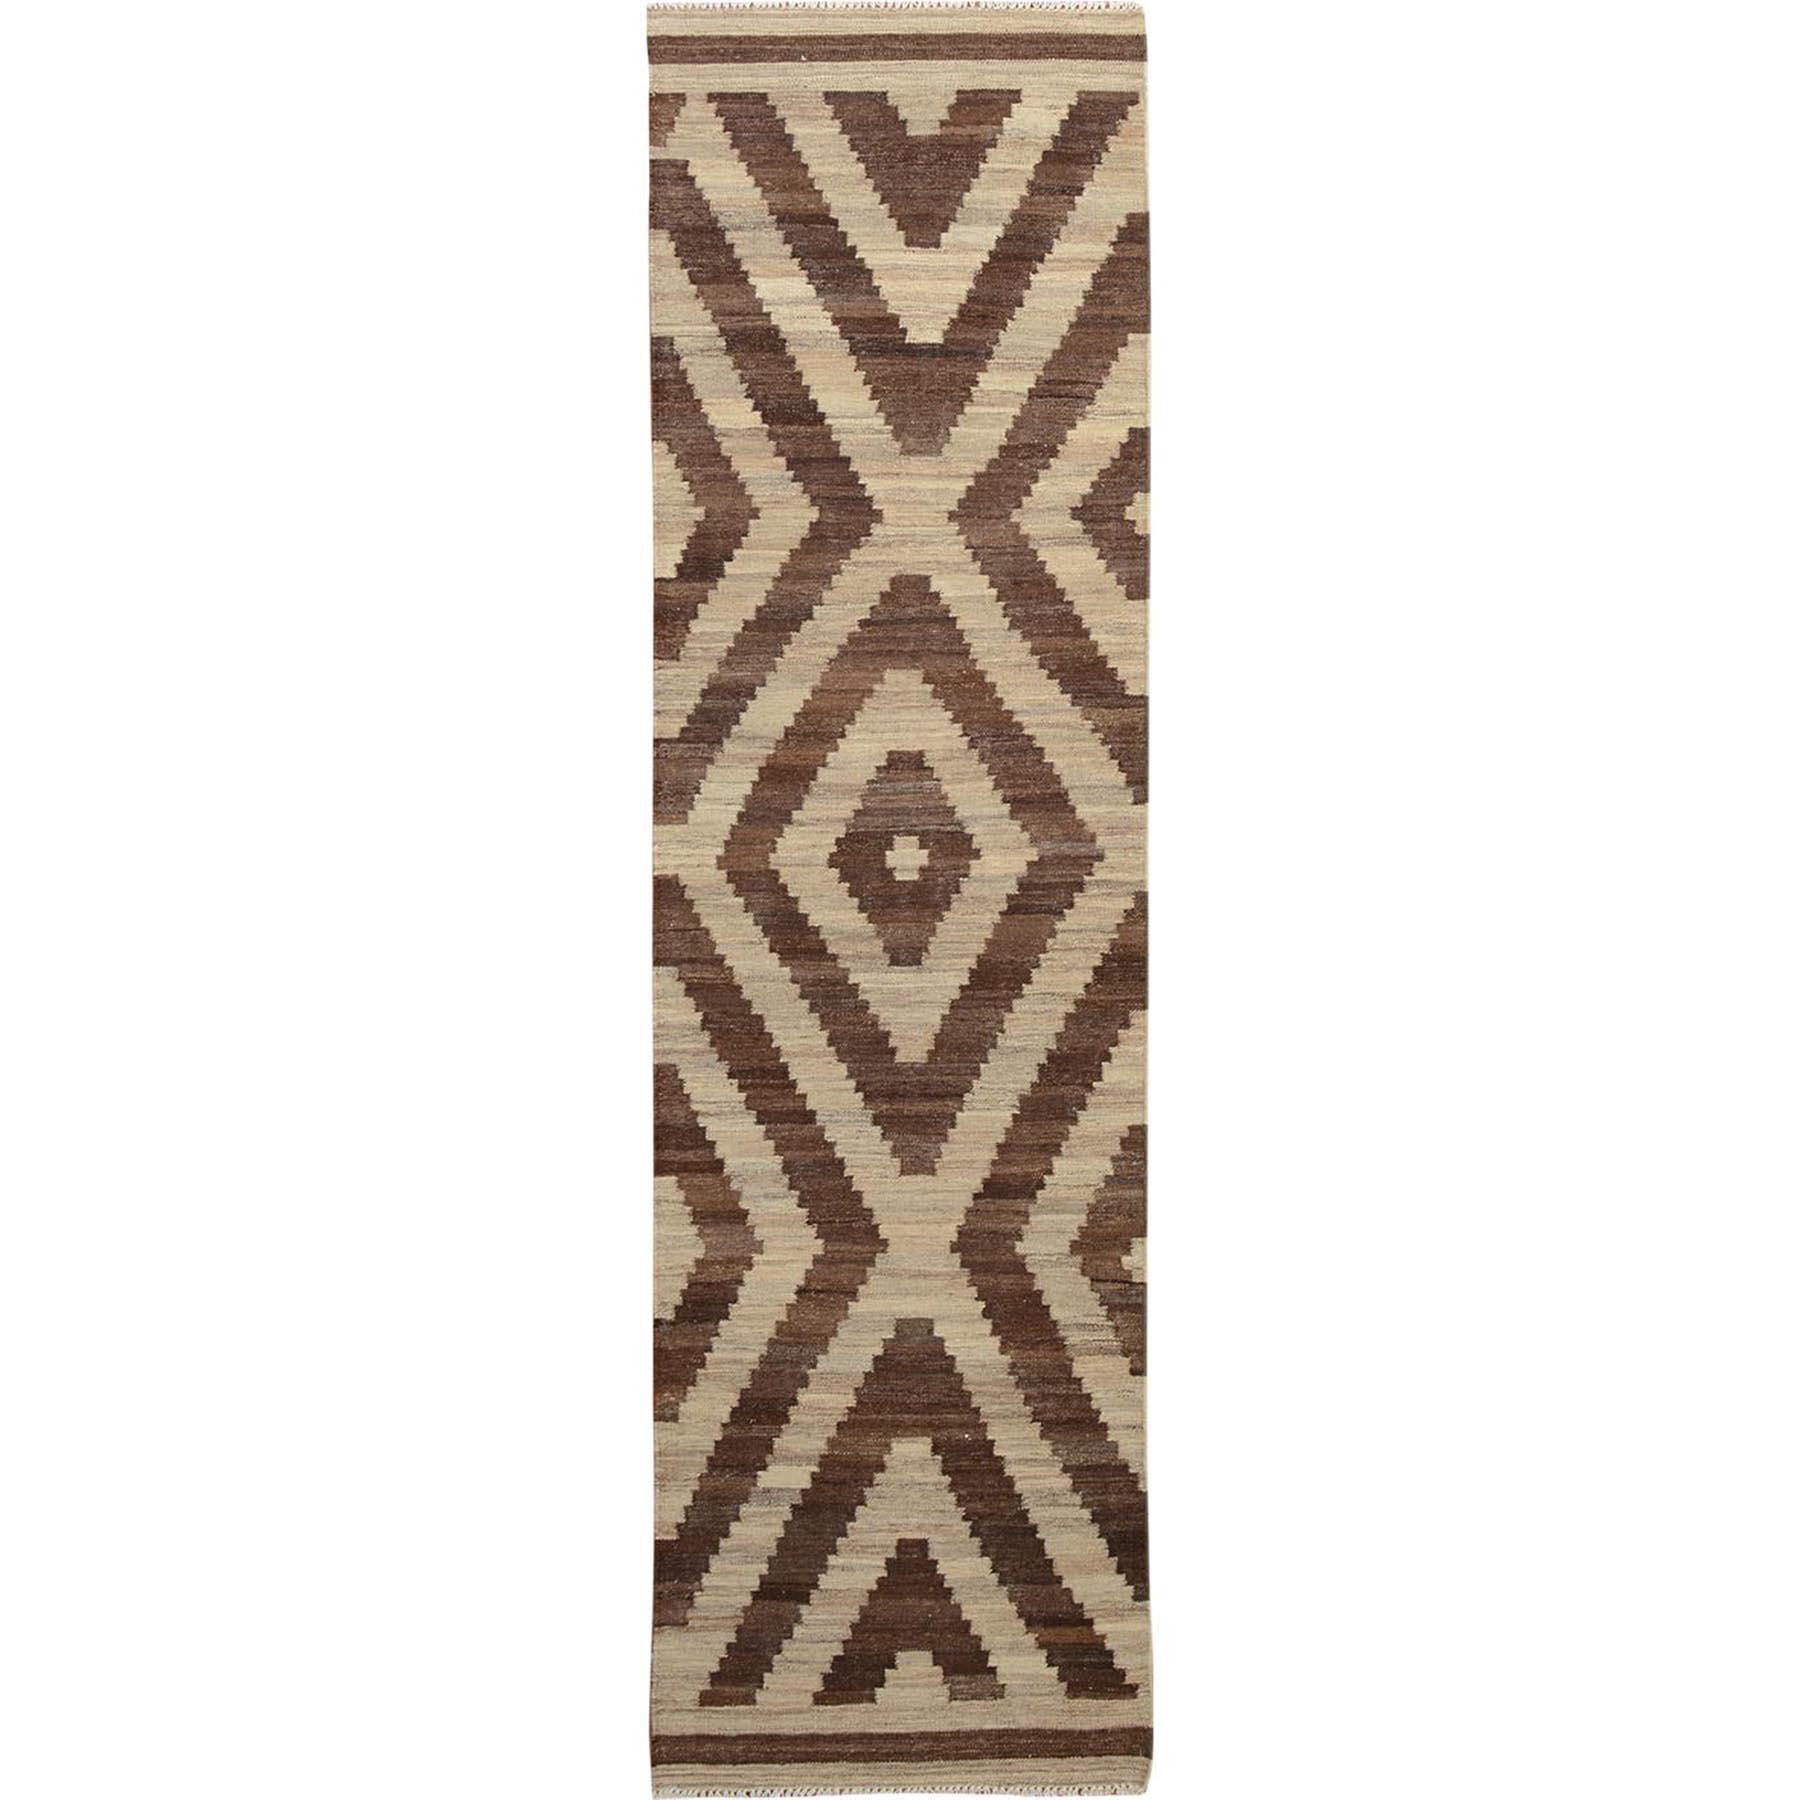 """2'8""""x9'10"""" Brown Reversible Afghan Kilim Flat weave Runner Hand Woven Oriental Rug"""